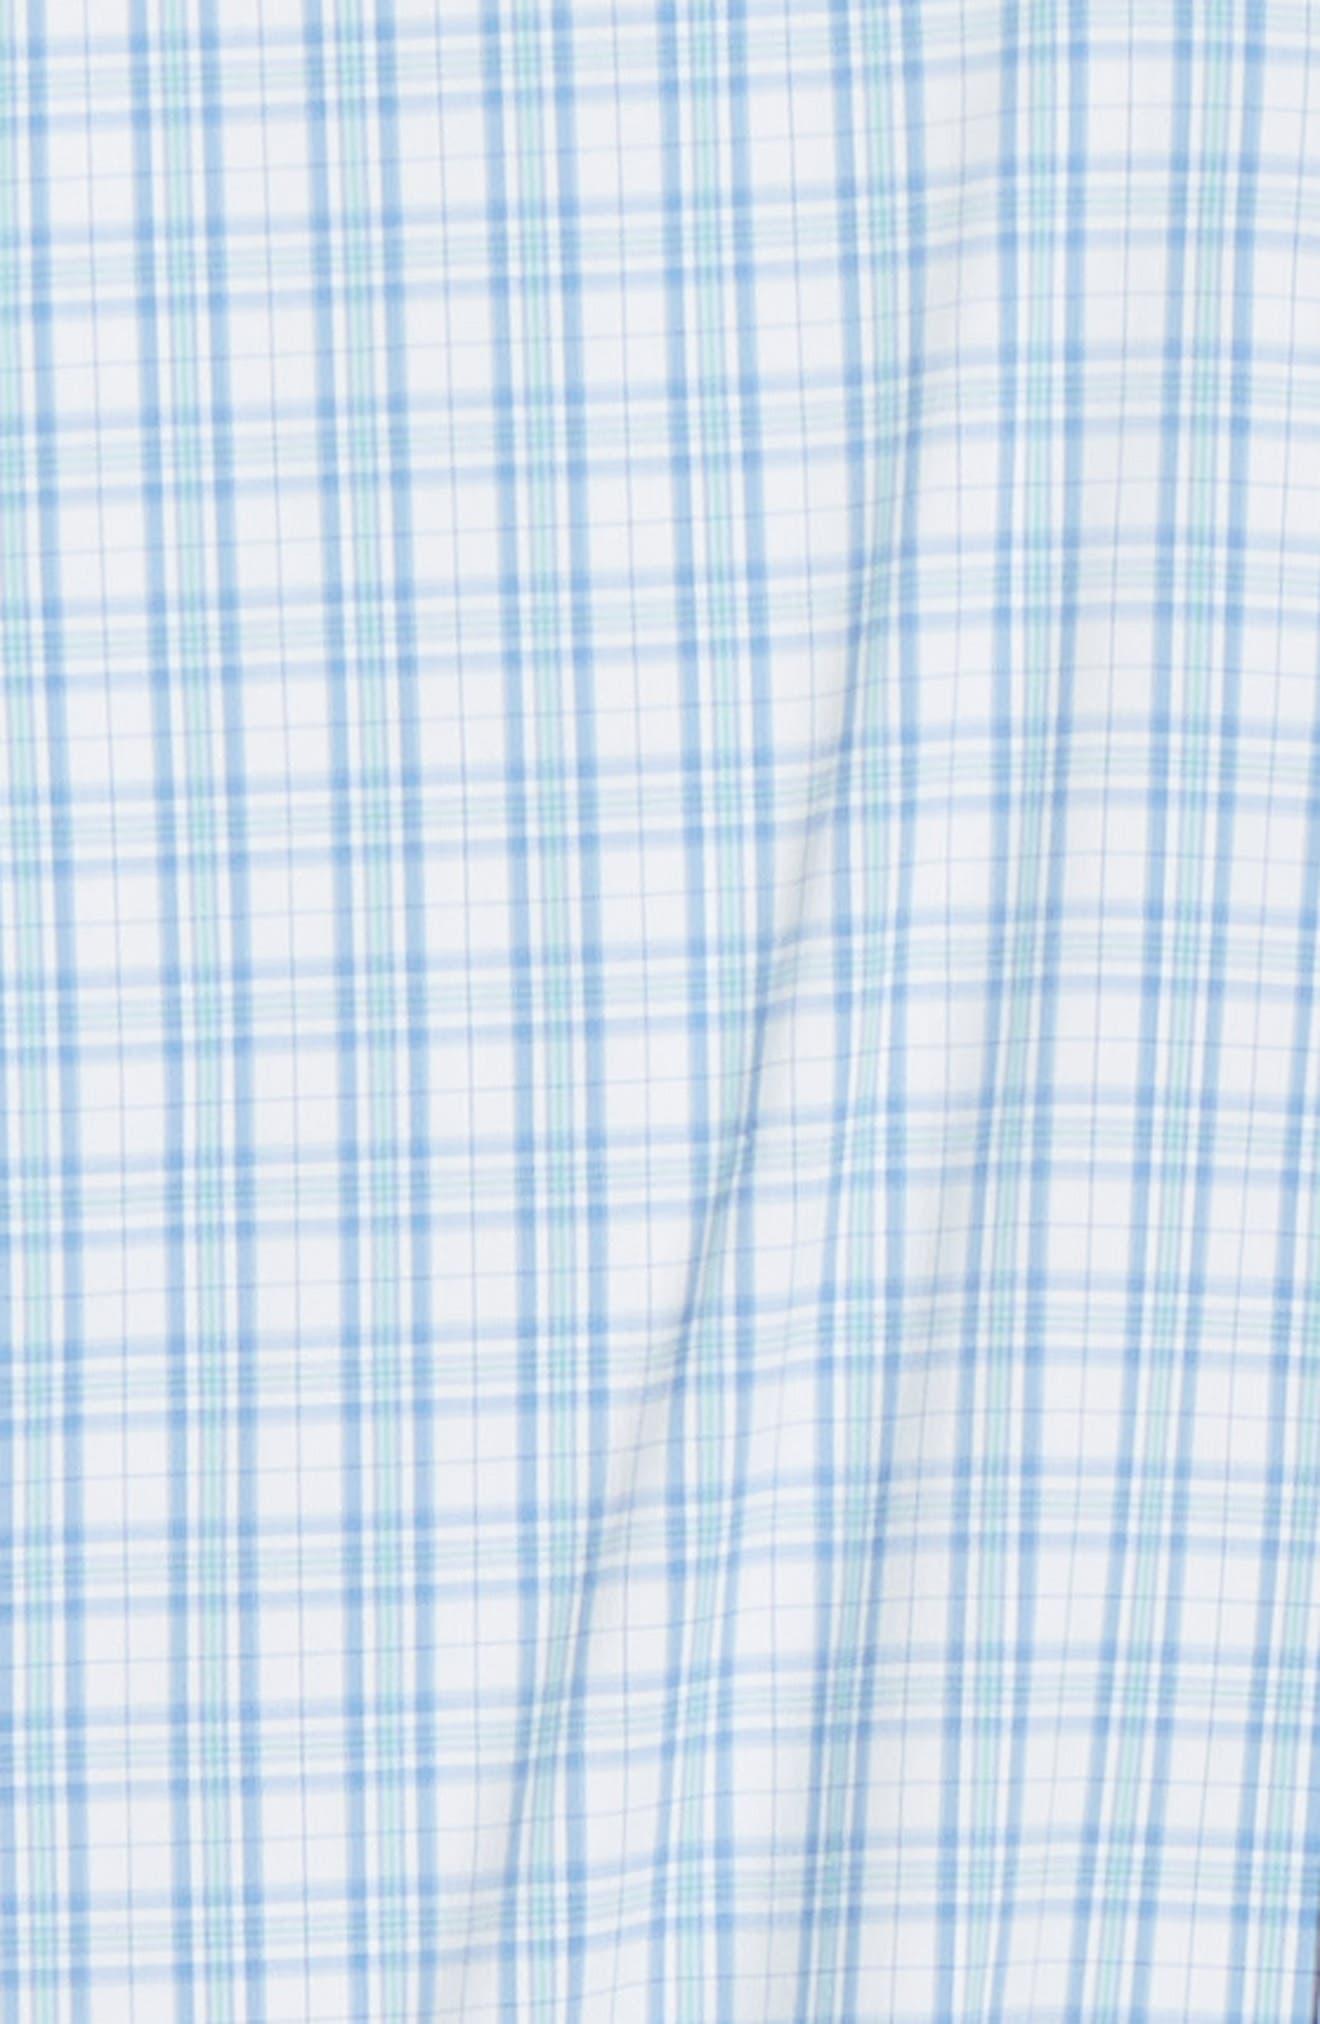 Portofino Tartan Performance Sport Shirt,                             Alternate thumbnail 6, color,                             VESSEL